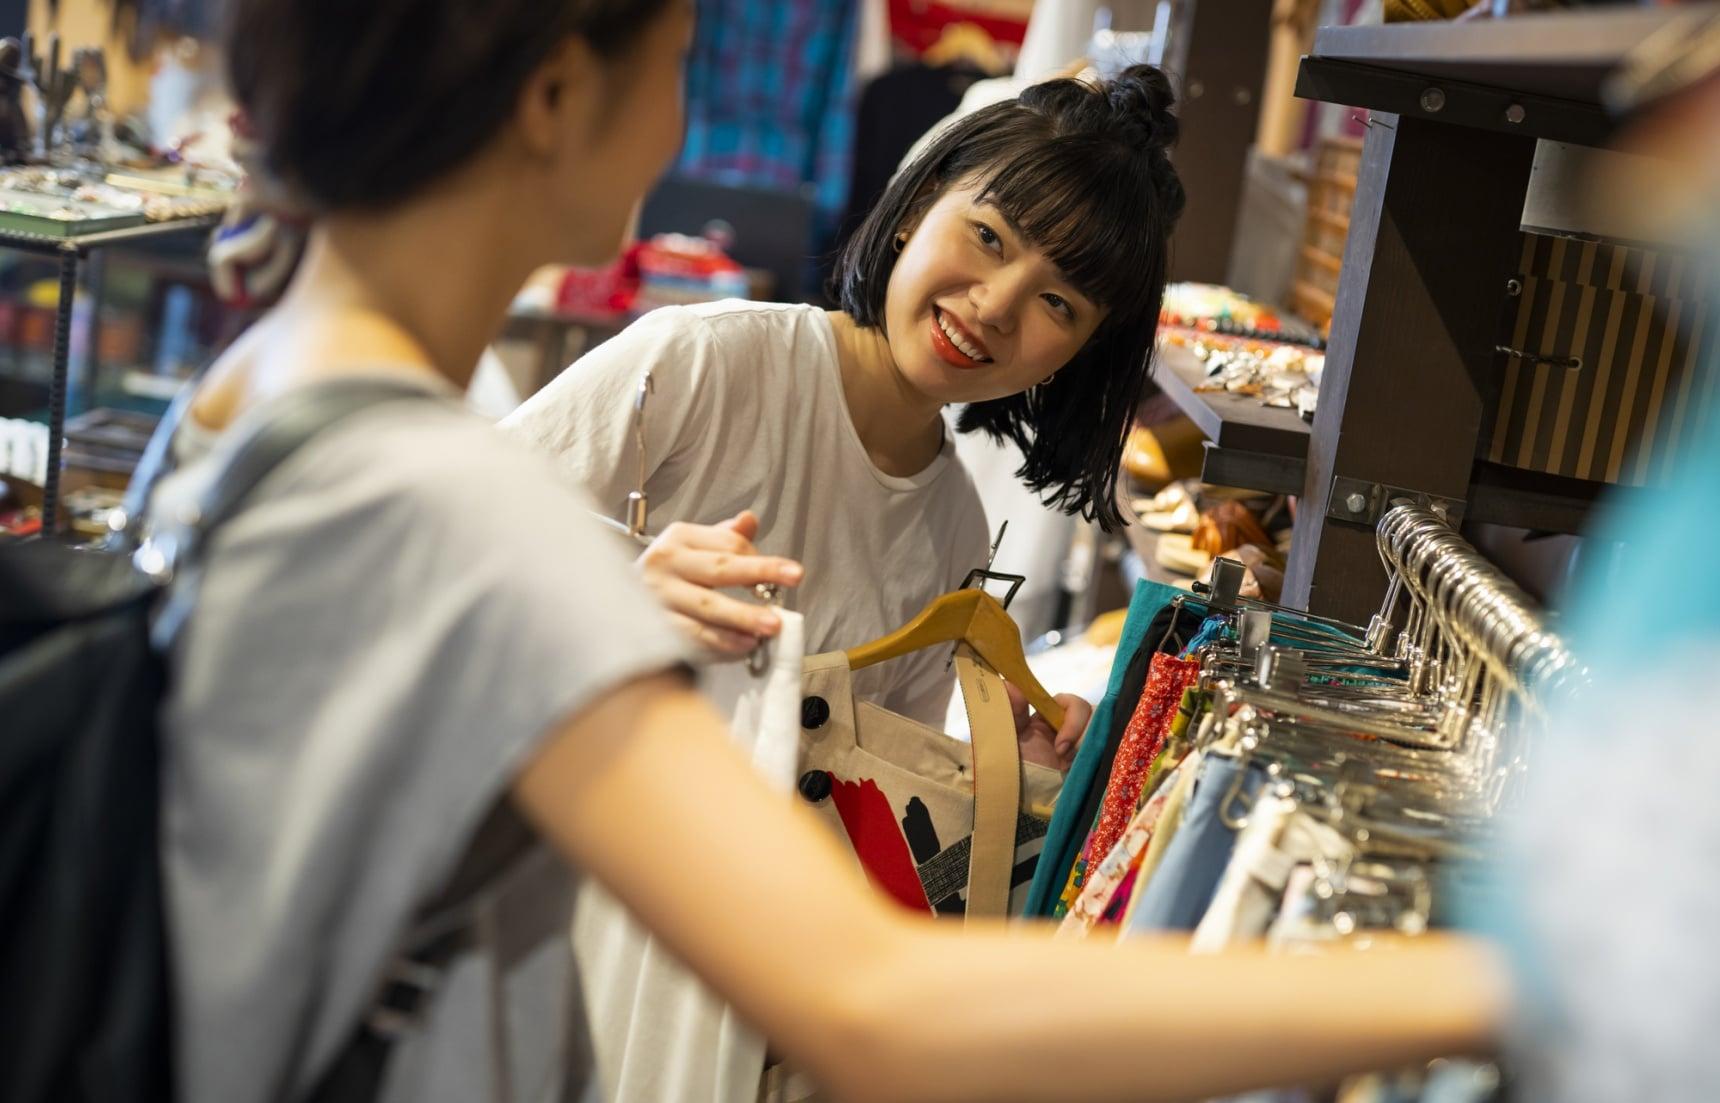 【旅遊日文】日本掃貨購物常用的10句日文